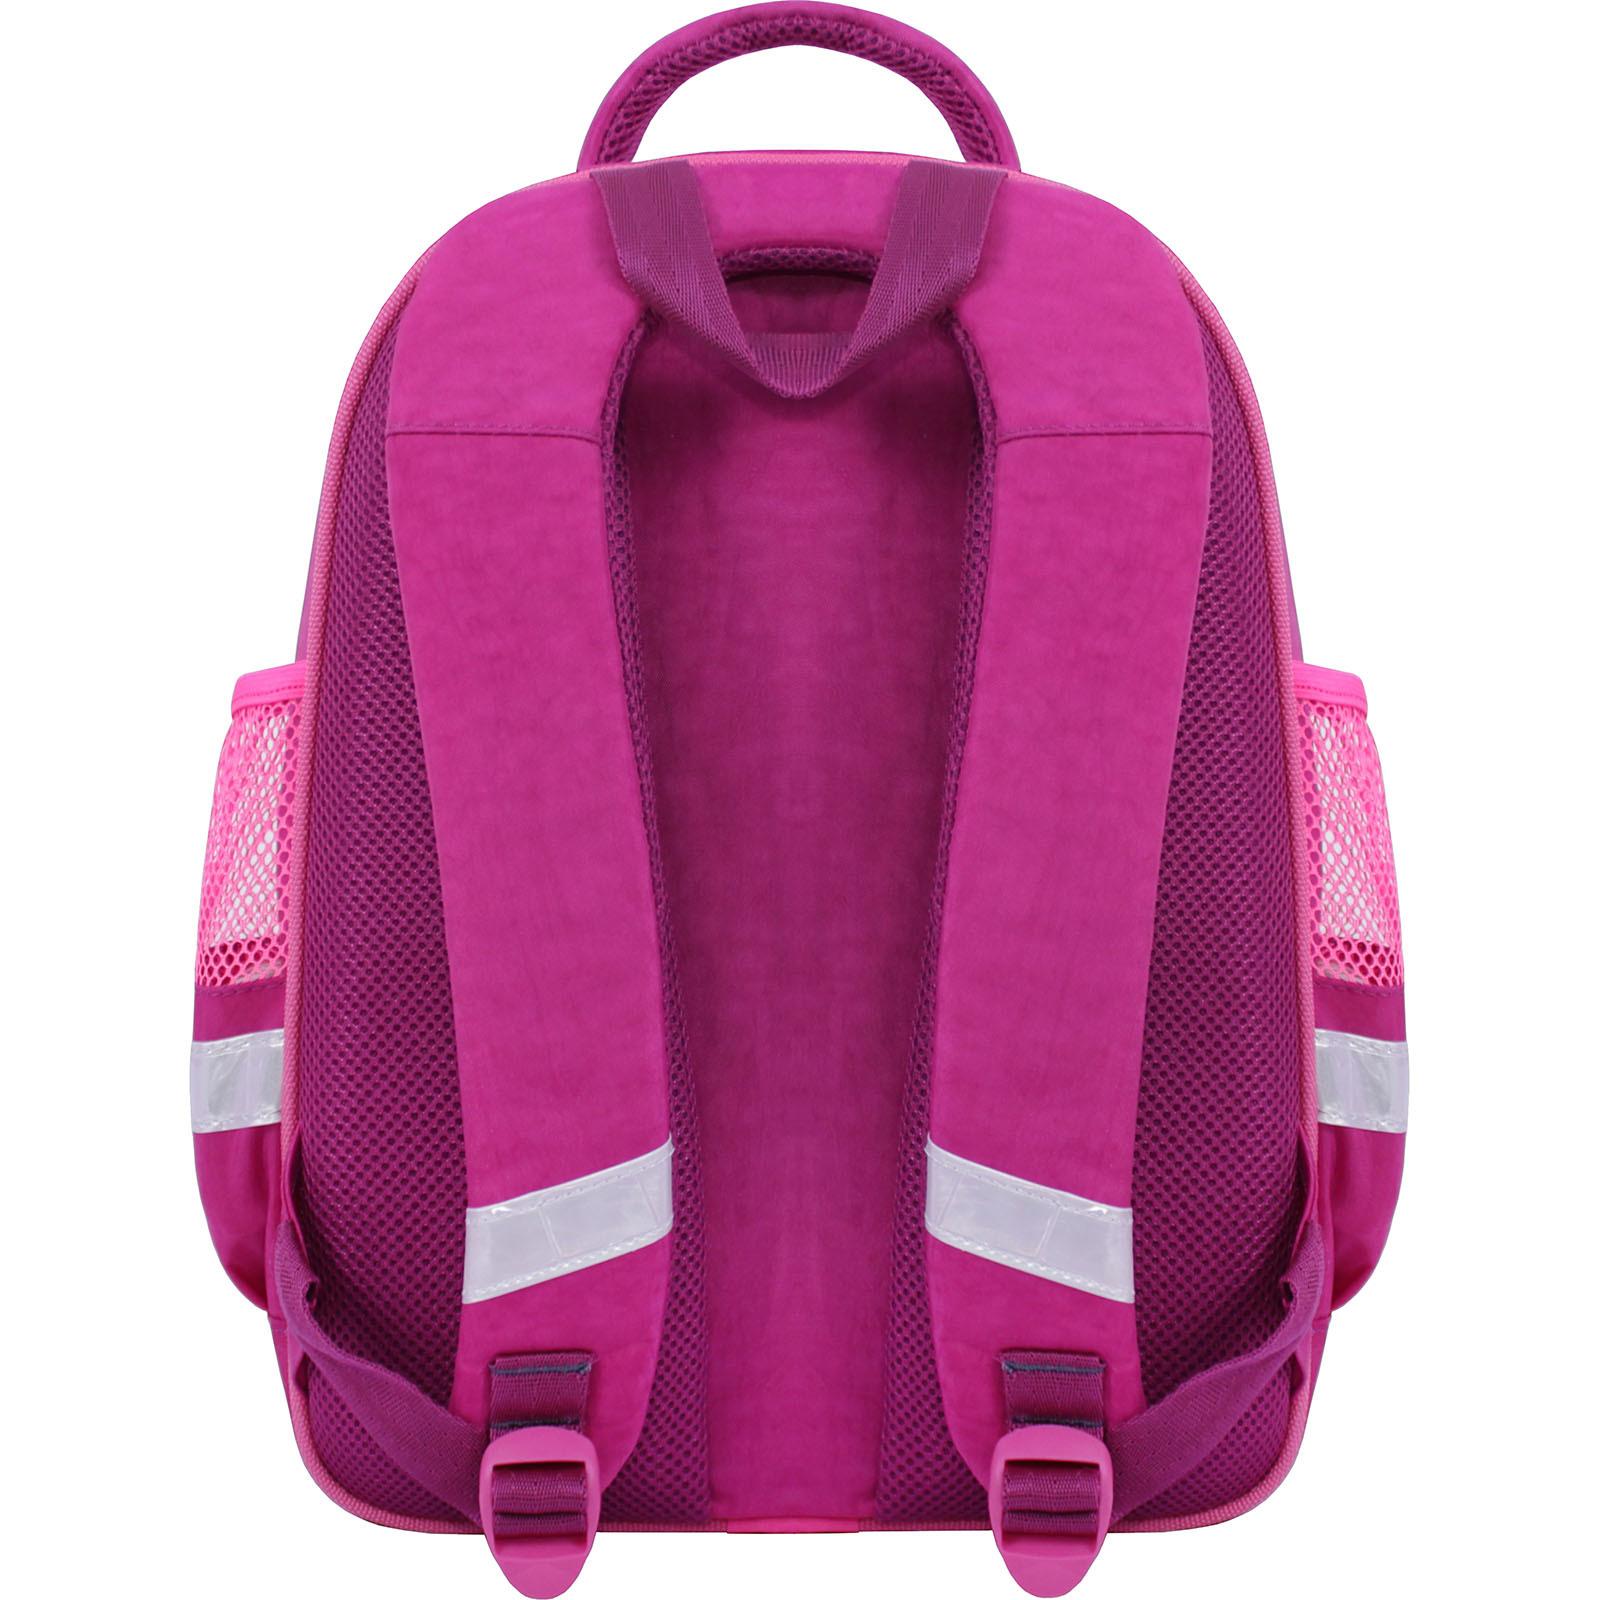 Рюкзак школьный Bagland Mouse 143 малиновый 615 (0051370)  фото 3